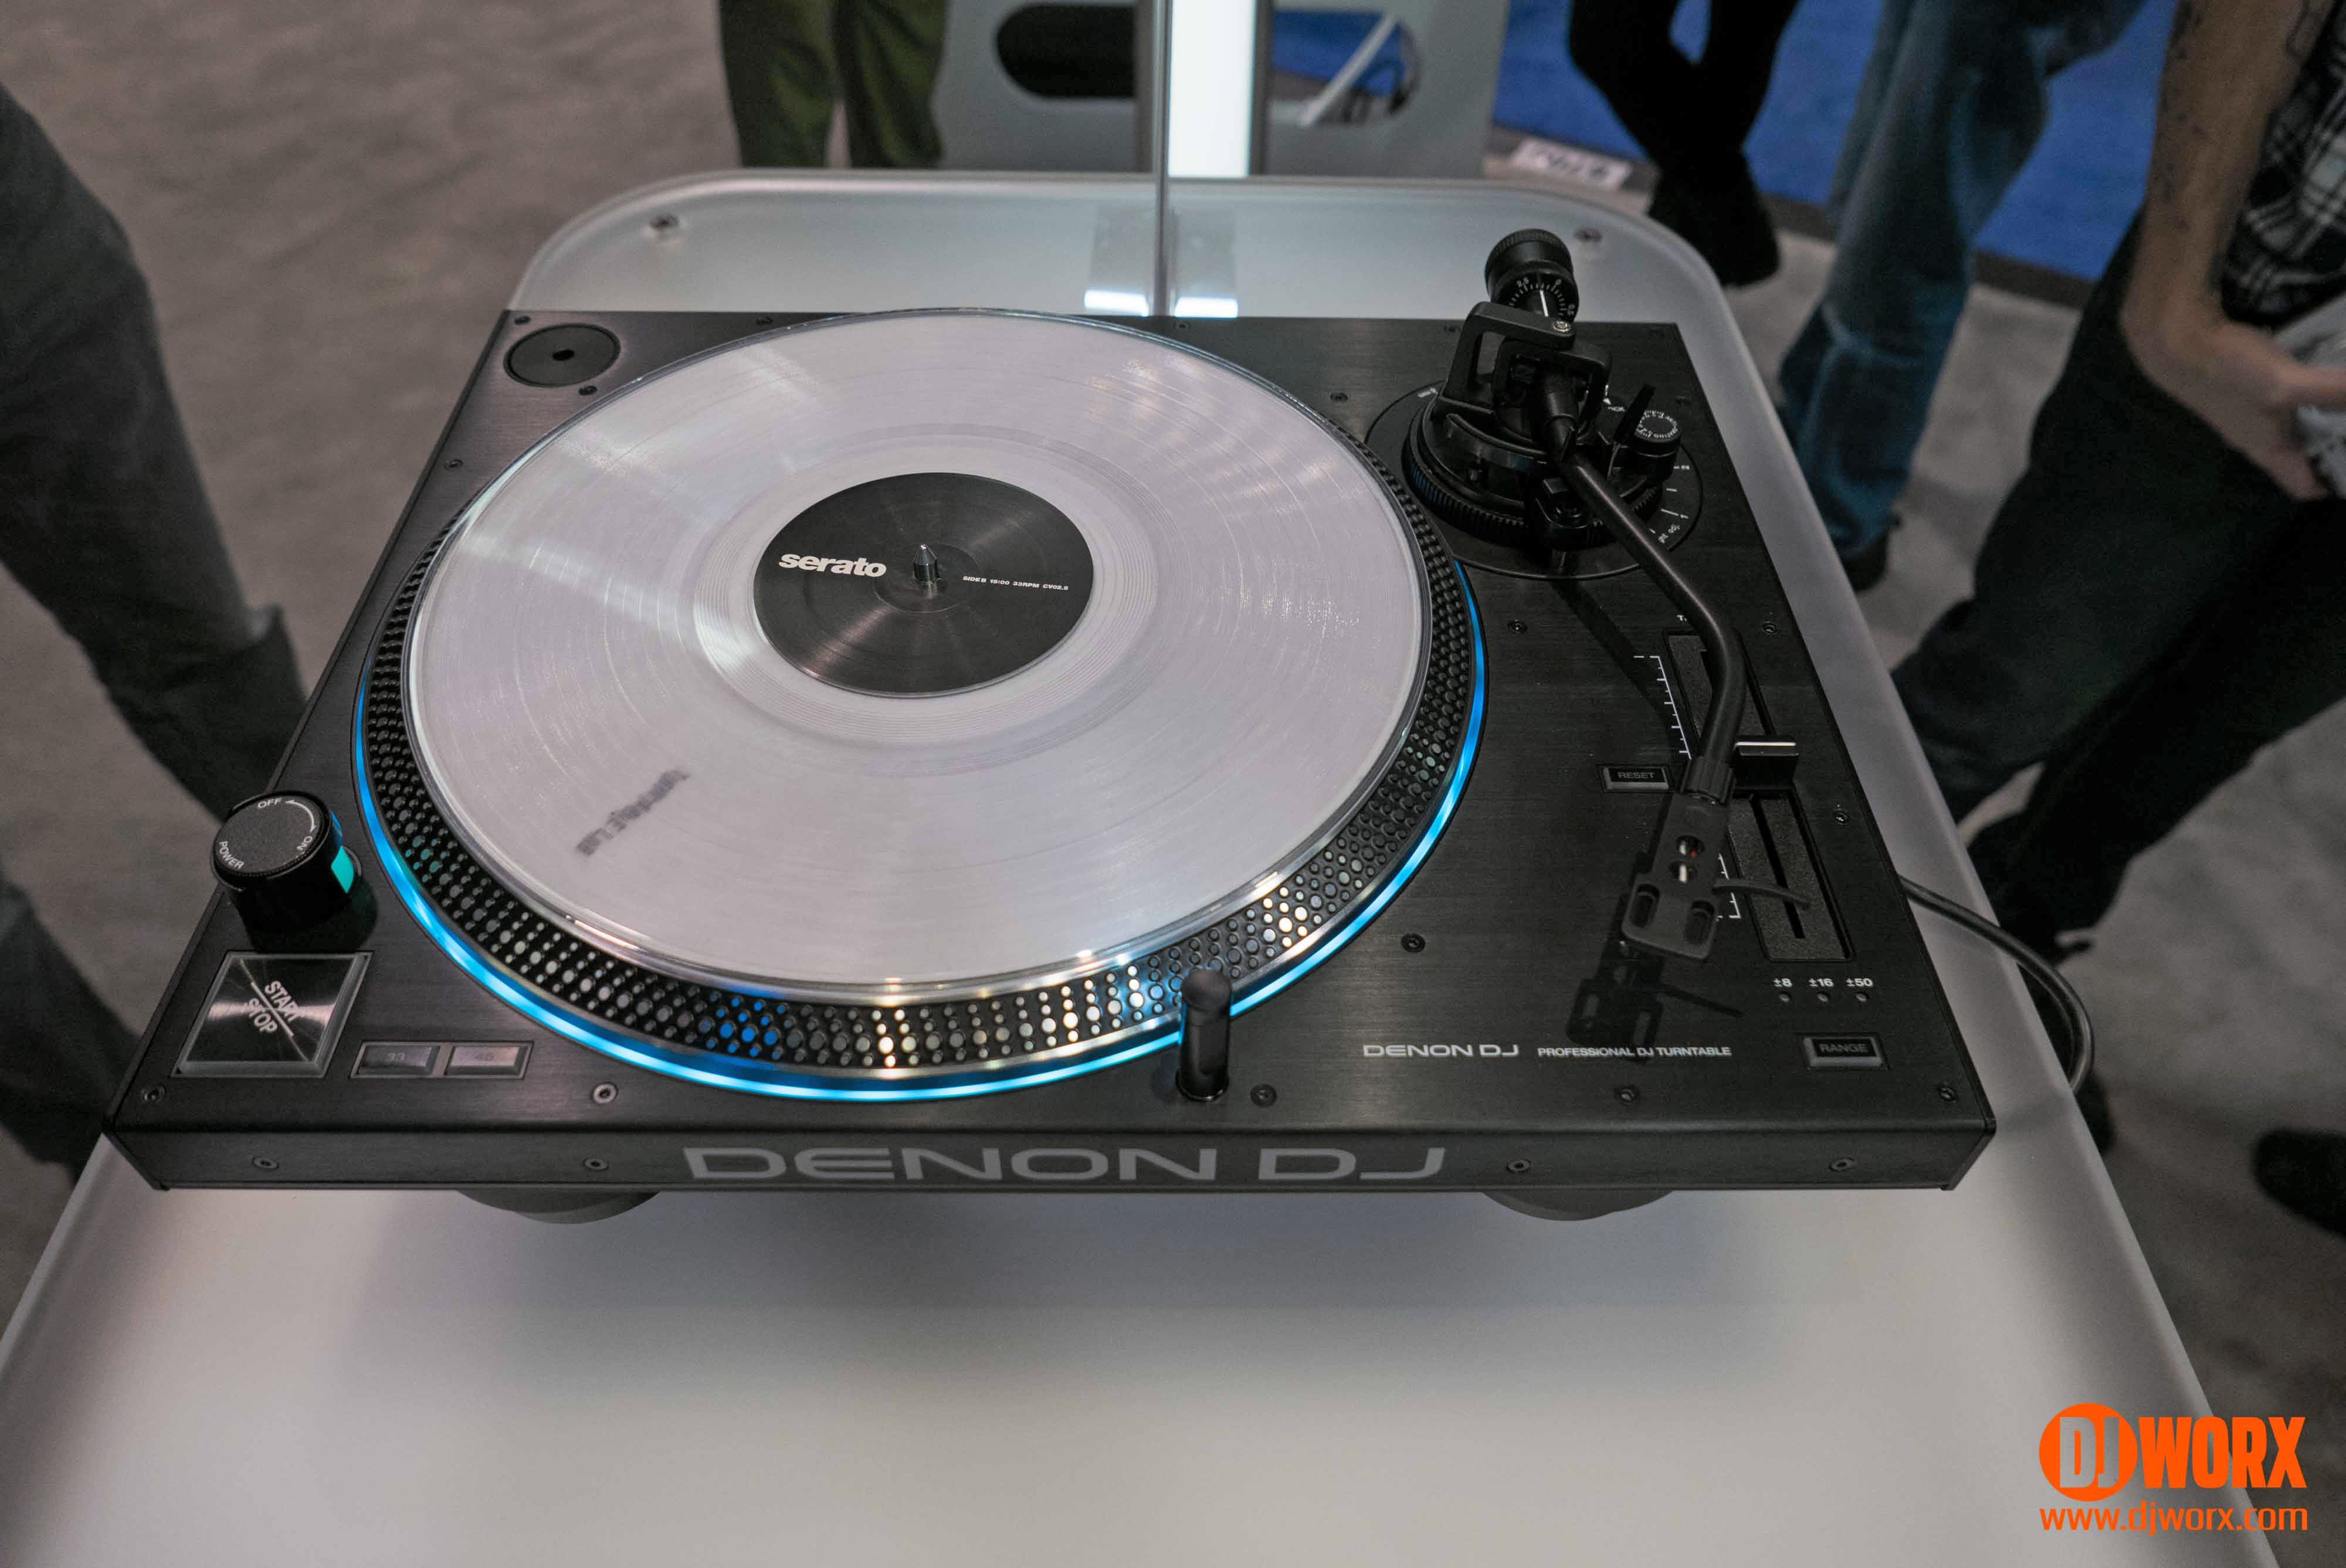 Denon VL 12 fuente www.DJWorx.com